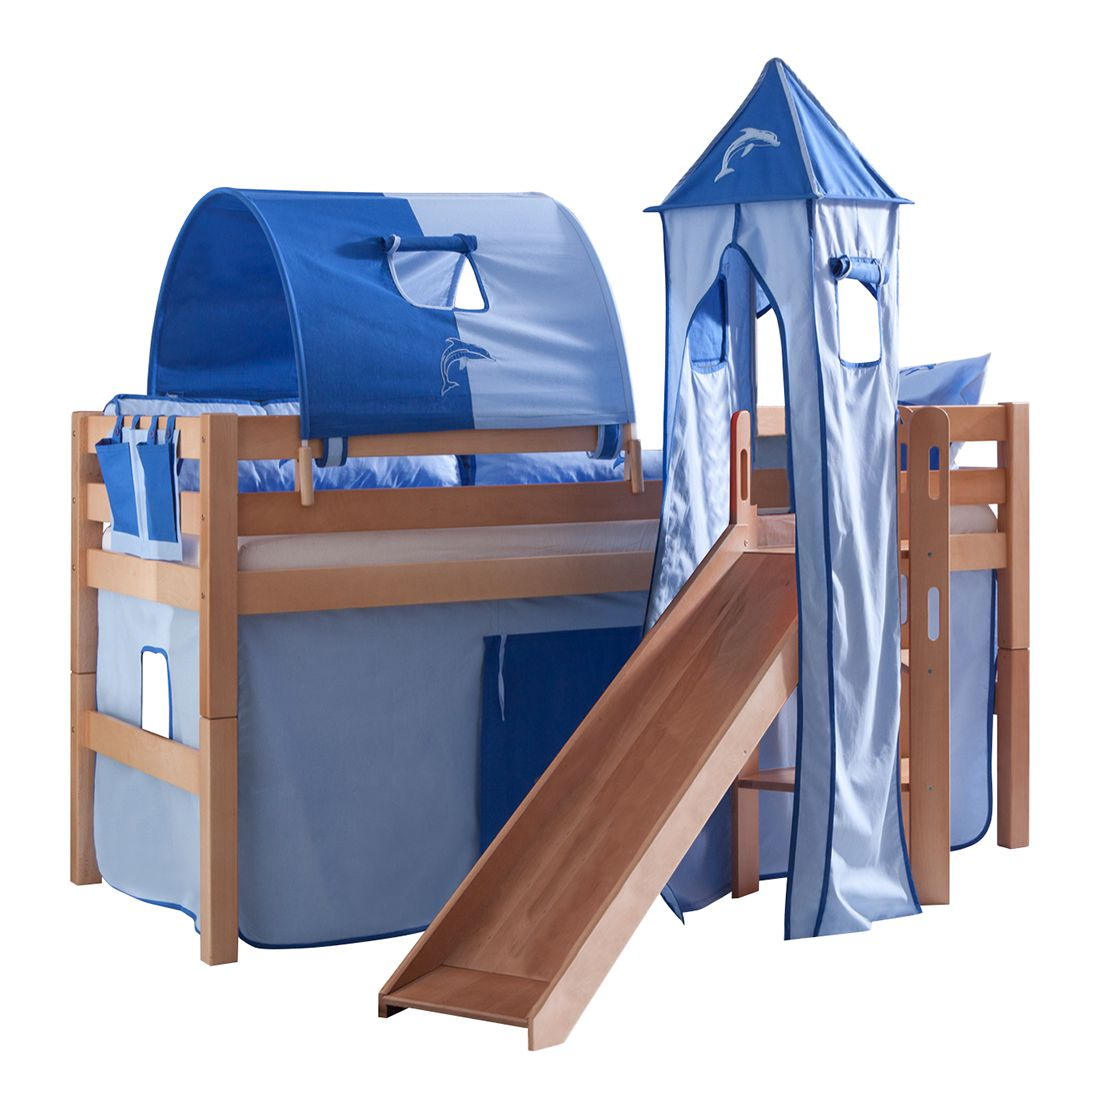 Spielbett Eliyas - mit Rutsche, Vorhang, Tunnel, Turm und Tasche - Buche natur/Textil blau-delfin, Relita